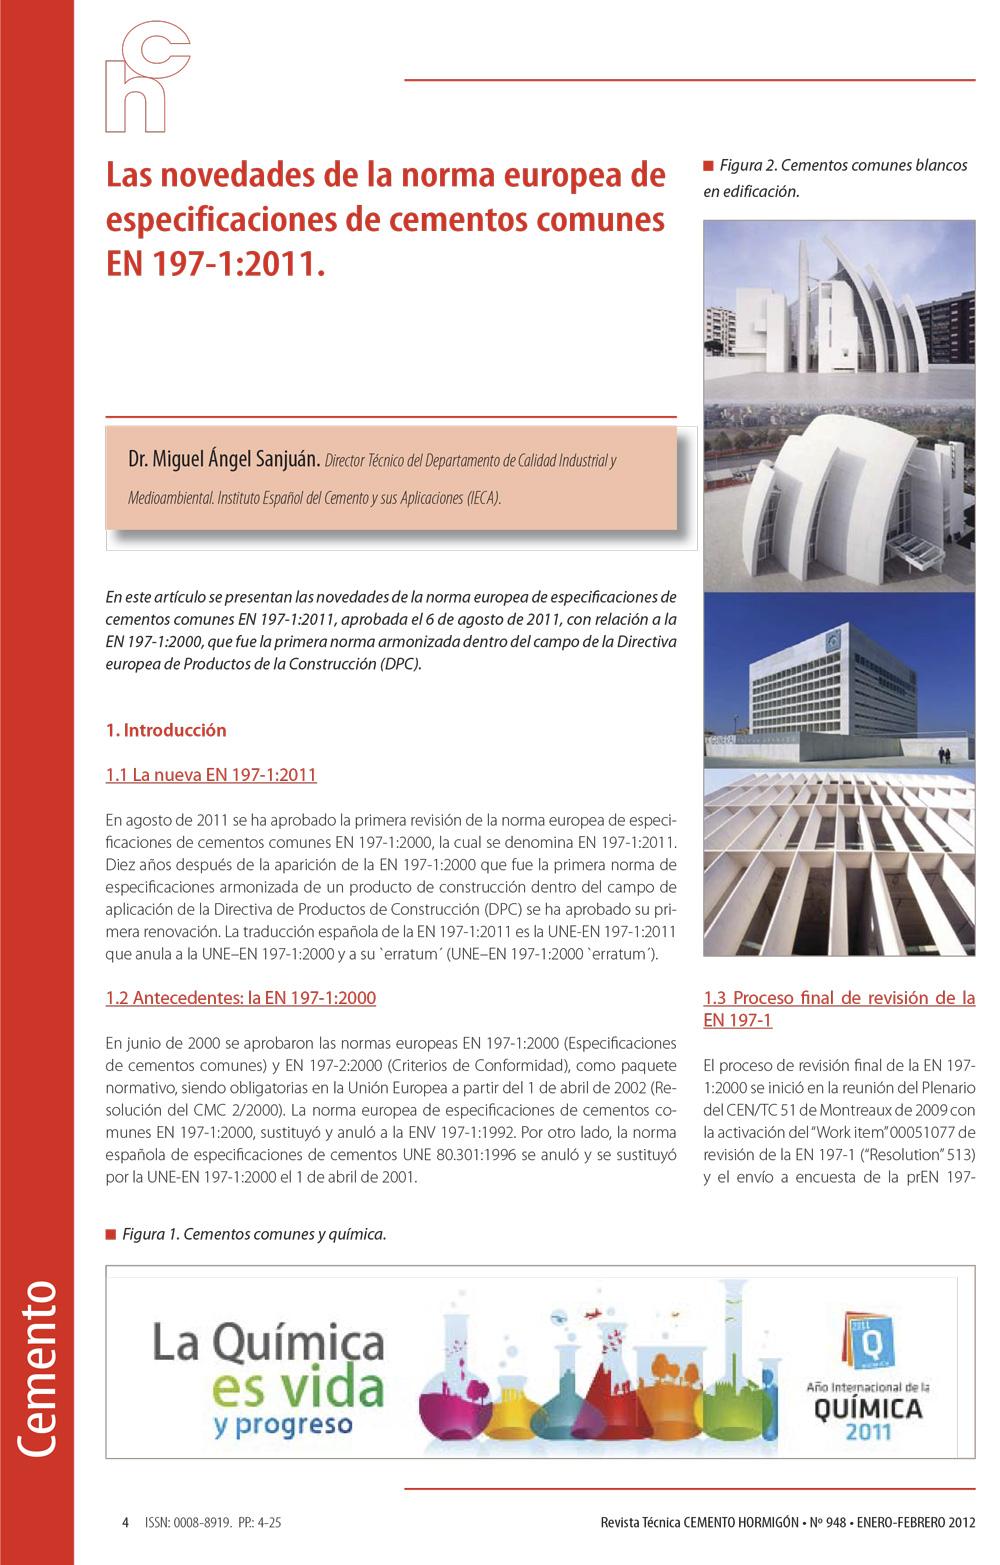 Las novedades de la norma europea de especificaciones de cementos comunes EN 197-1:2011.